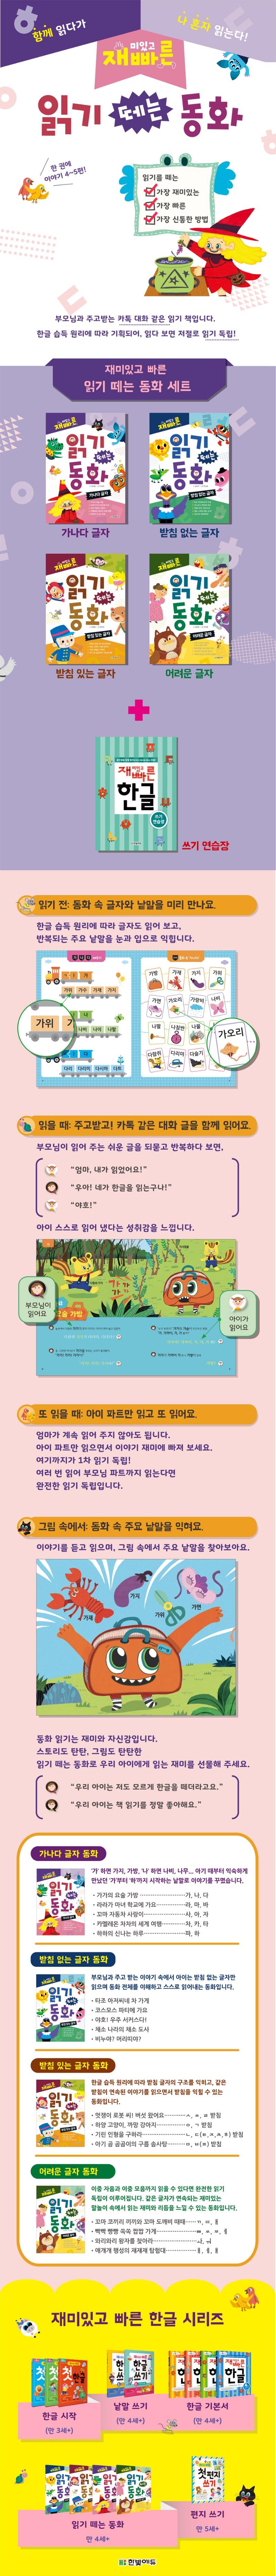 (상세이미지)재미있고빠른 읽기떼는동화 세트(한빛에듀)_940px.jpg